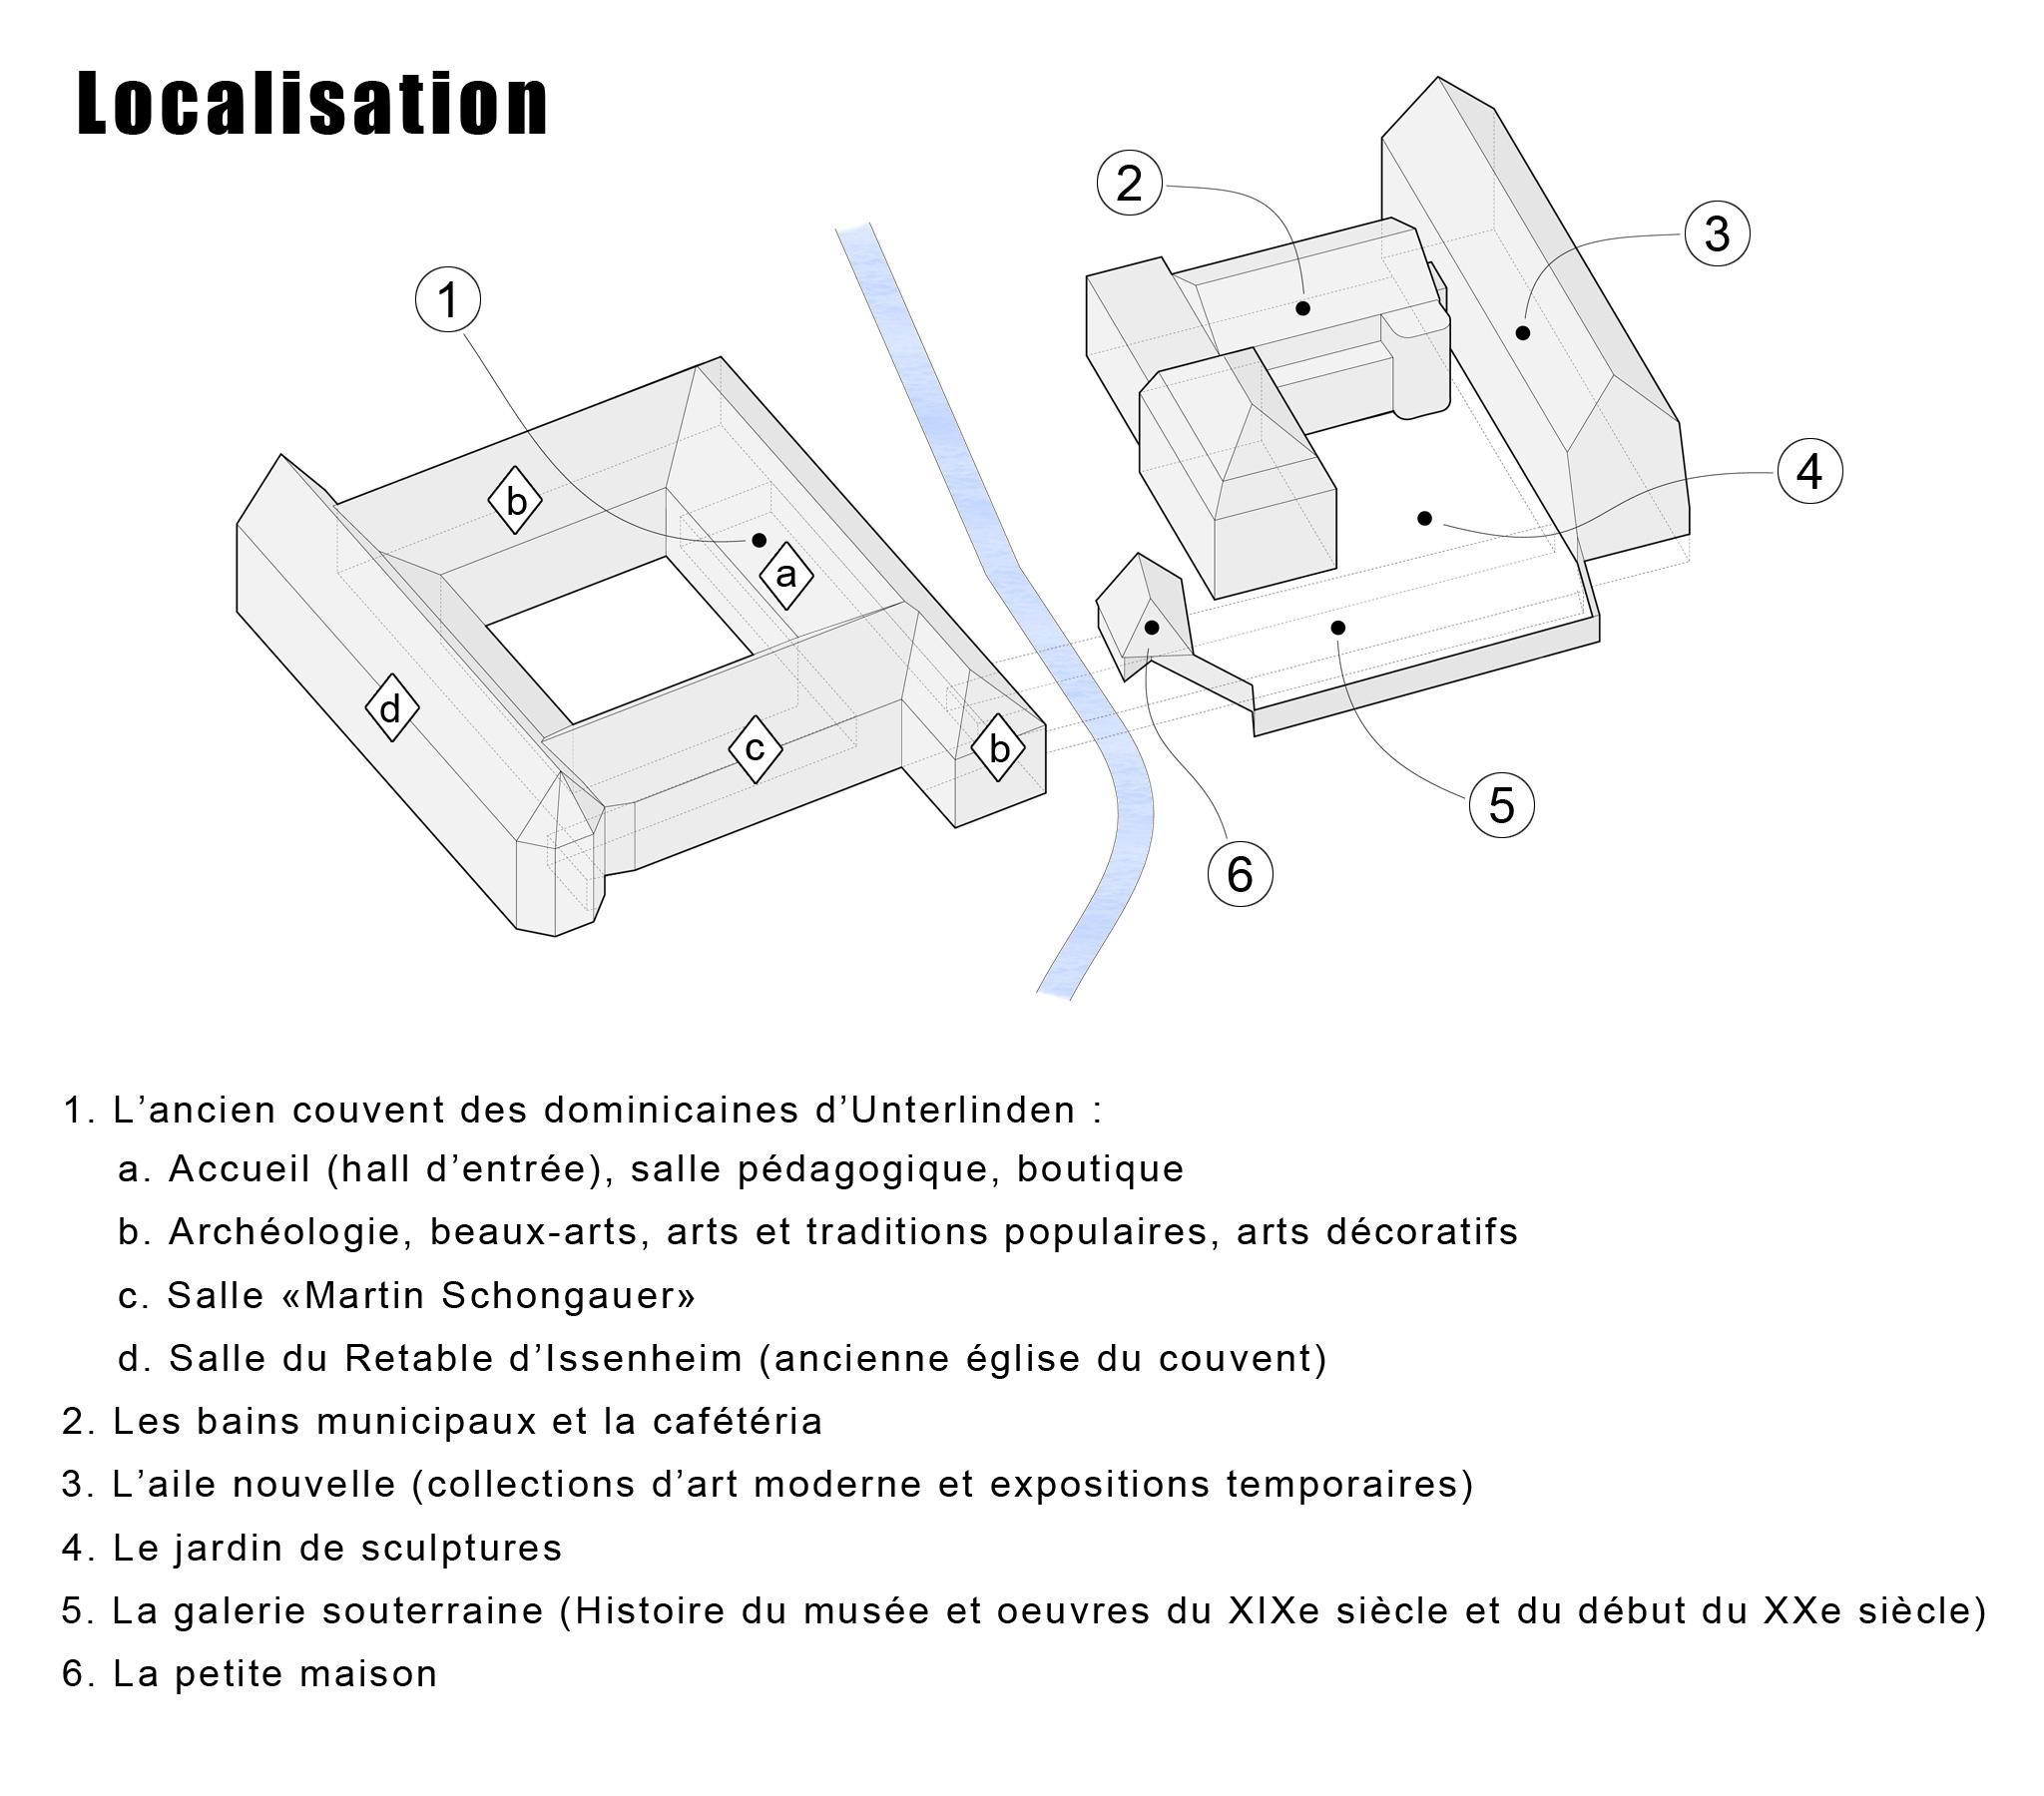 Plan de localisation des différentes parties du musée Unterlinden